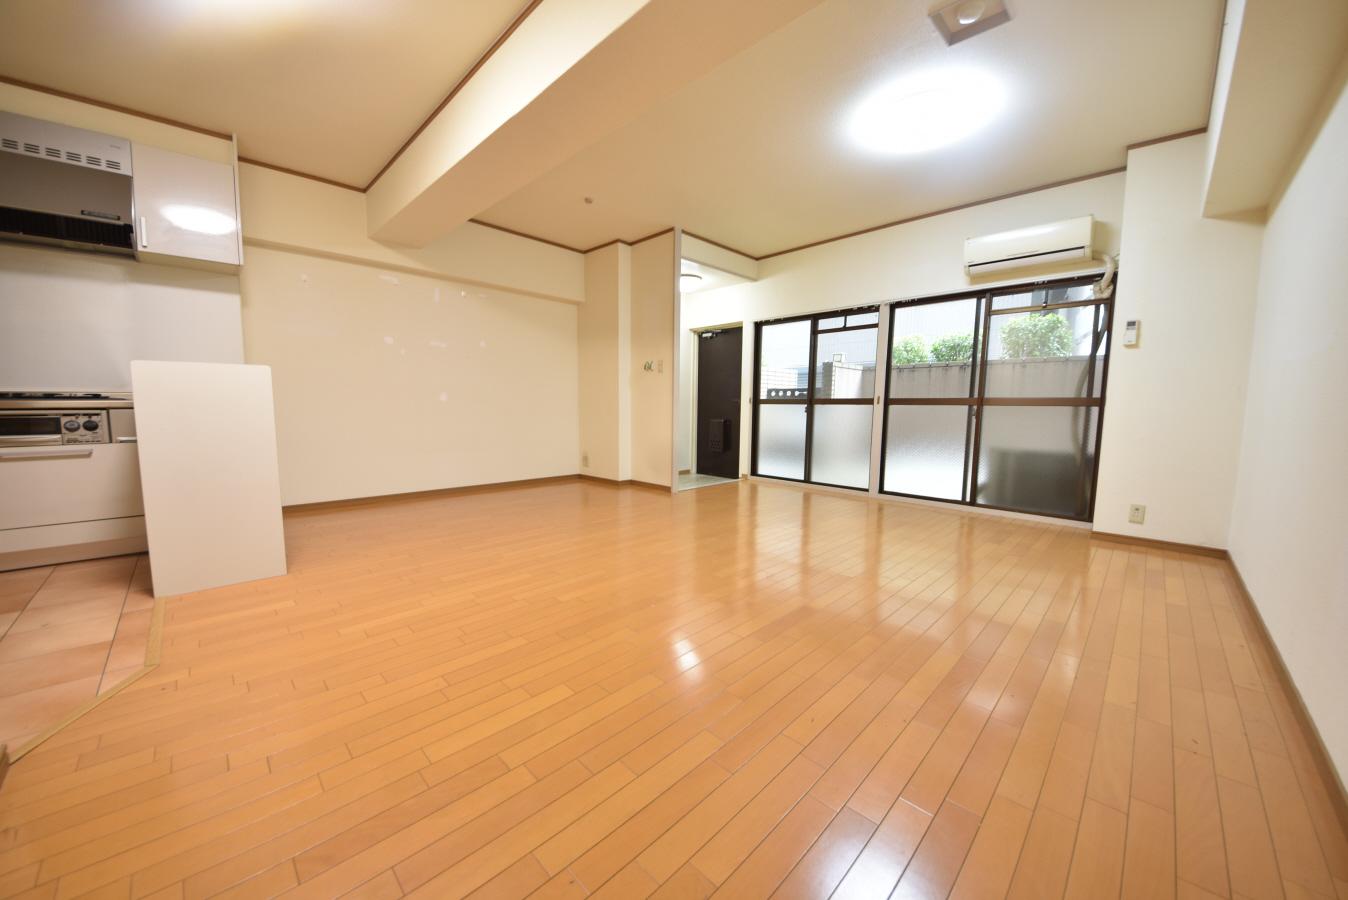 物件番号: 1025875316 朝日プラザ新神戸  神戸市中央区生田町1丁目 1LDK マンション 画像1